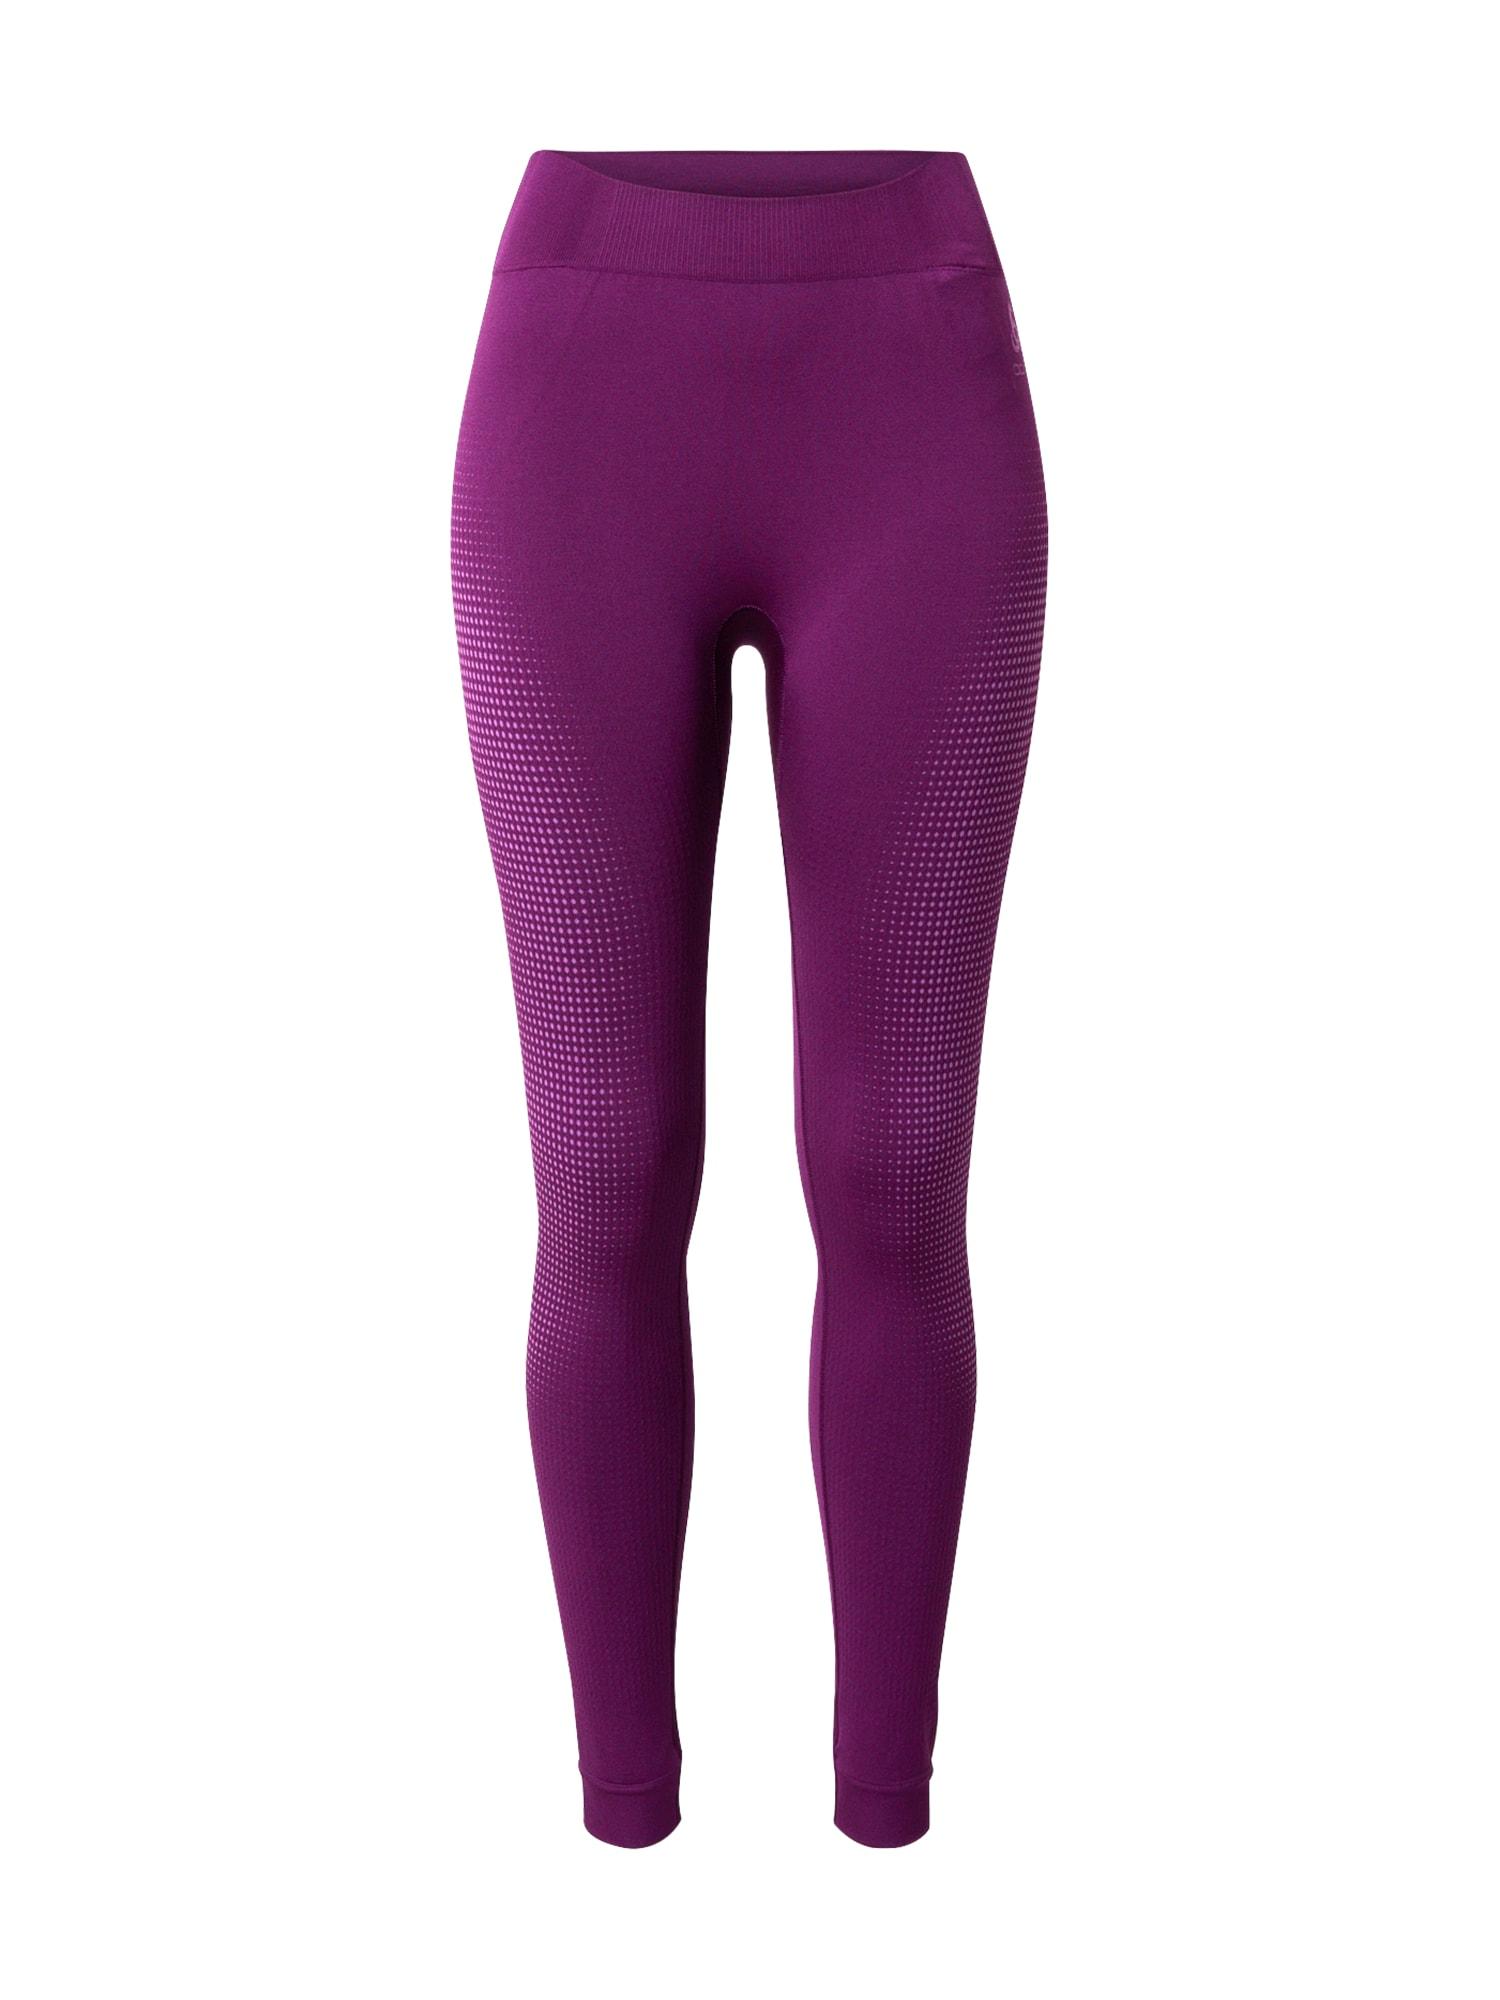 ODLO Sportinės trumpikės tamsiai violetinė